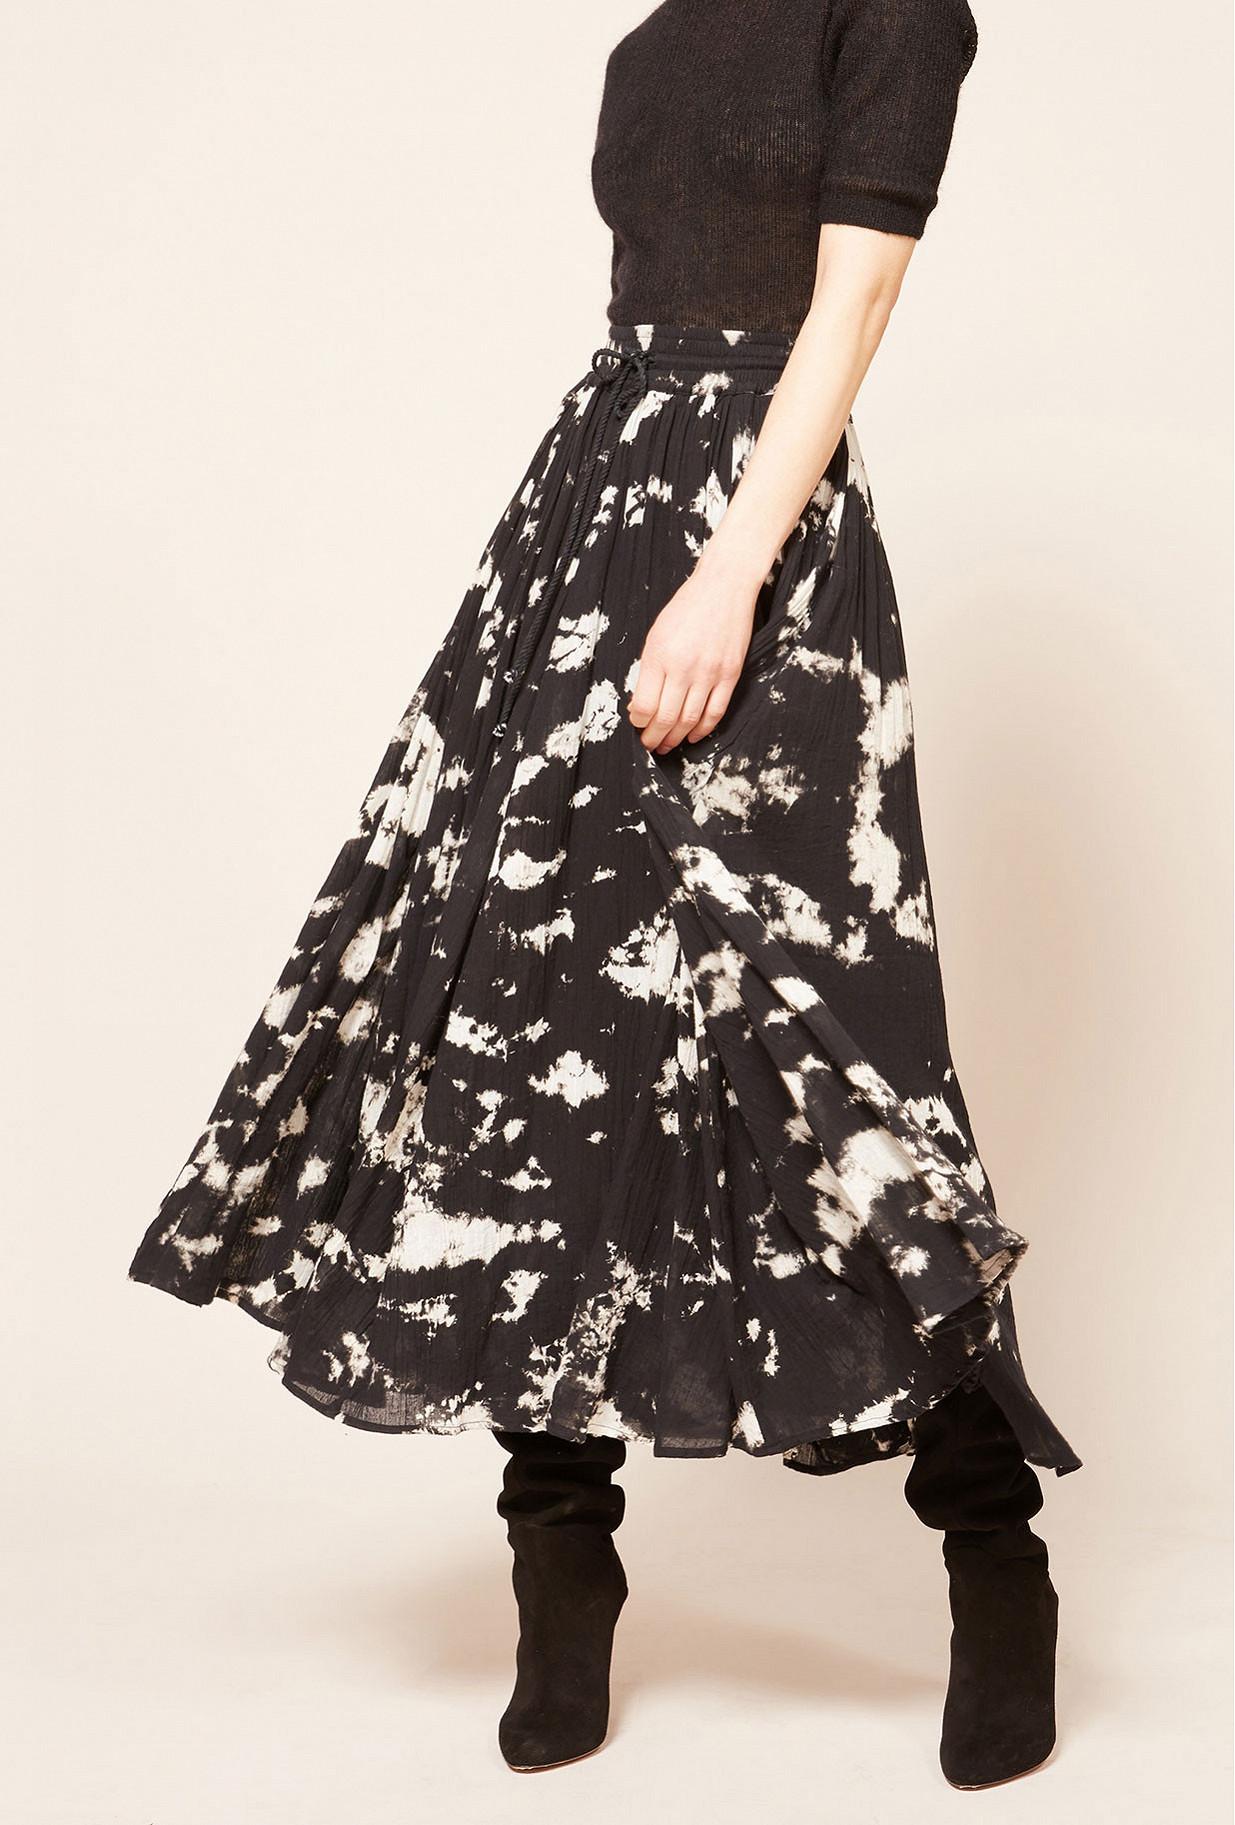 Paris boutique de mode vêtement Jupe créateur bohème  Pink